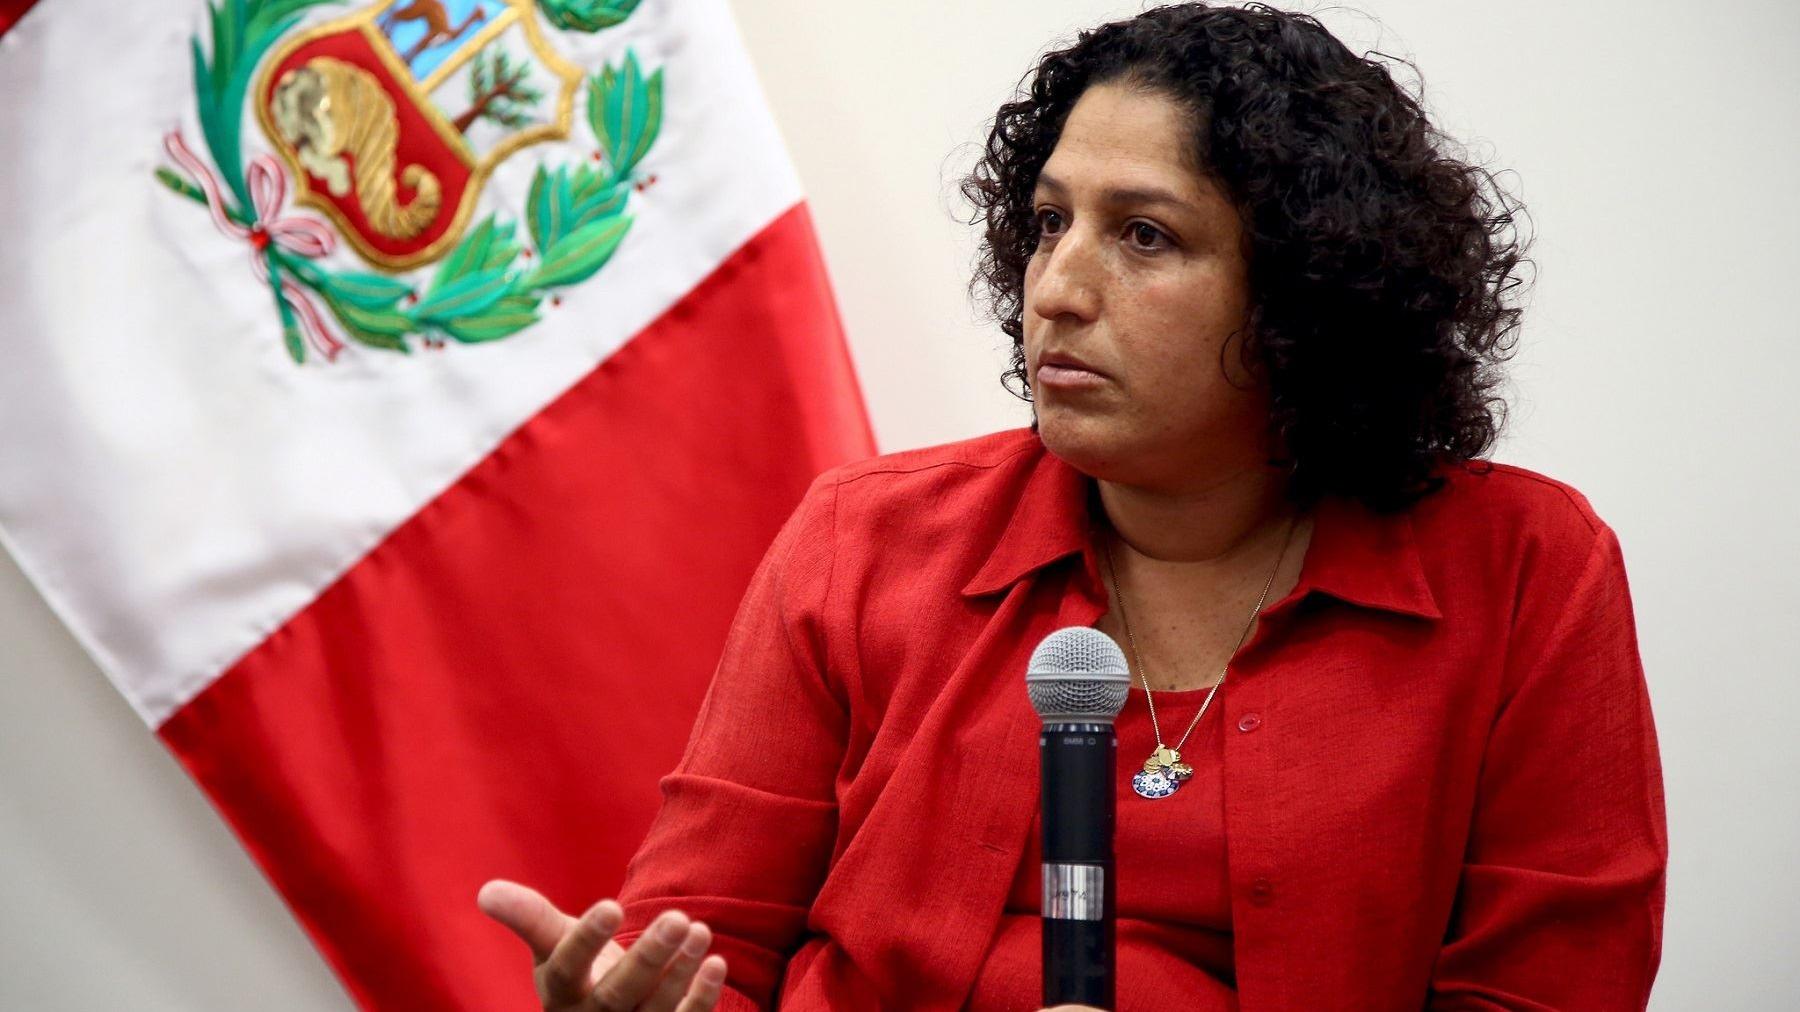 La ministra del Ambiente, Fabiola Muñoz, explicó el proyecto de ley que busca reducir el uso del plástico.